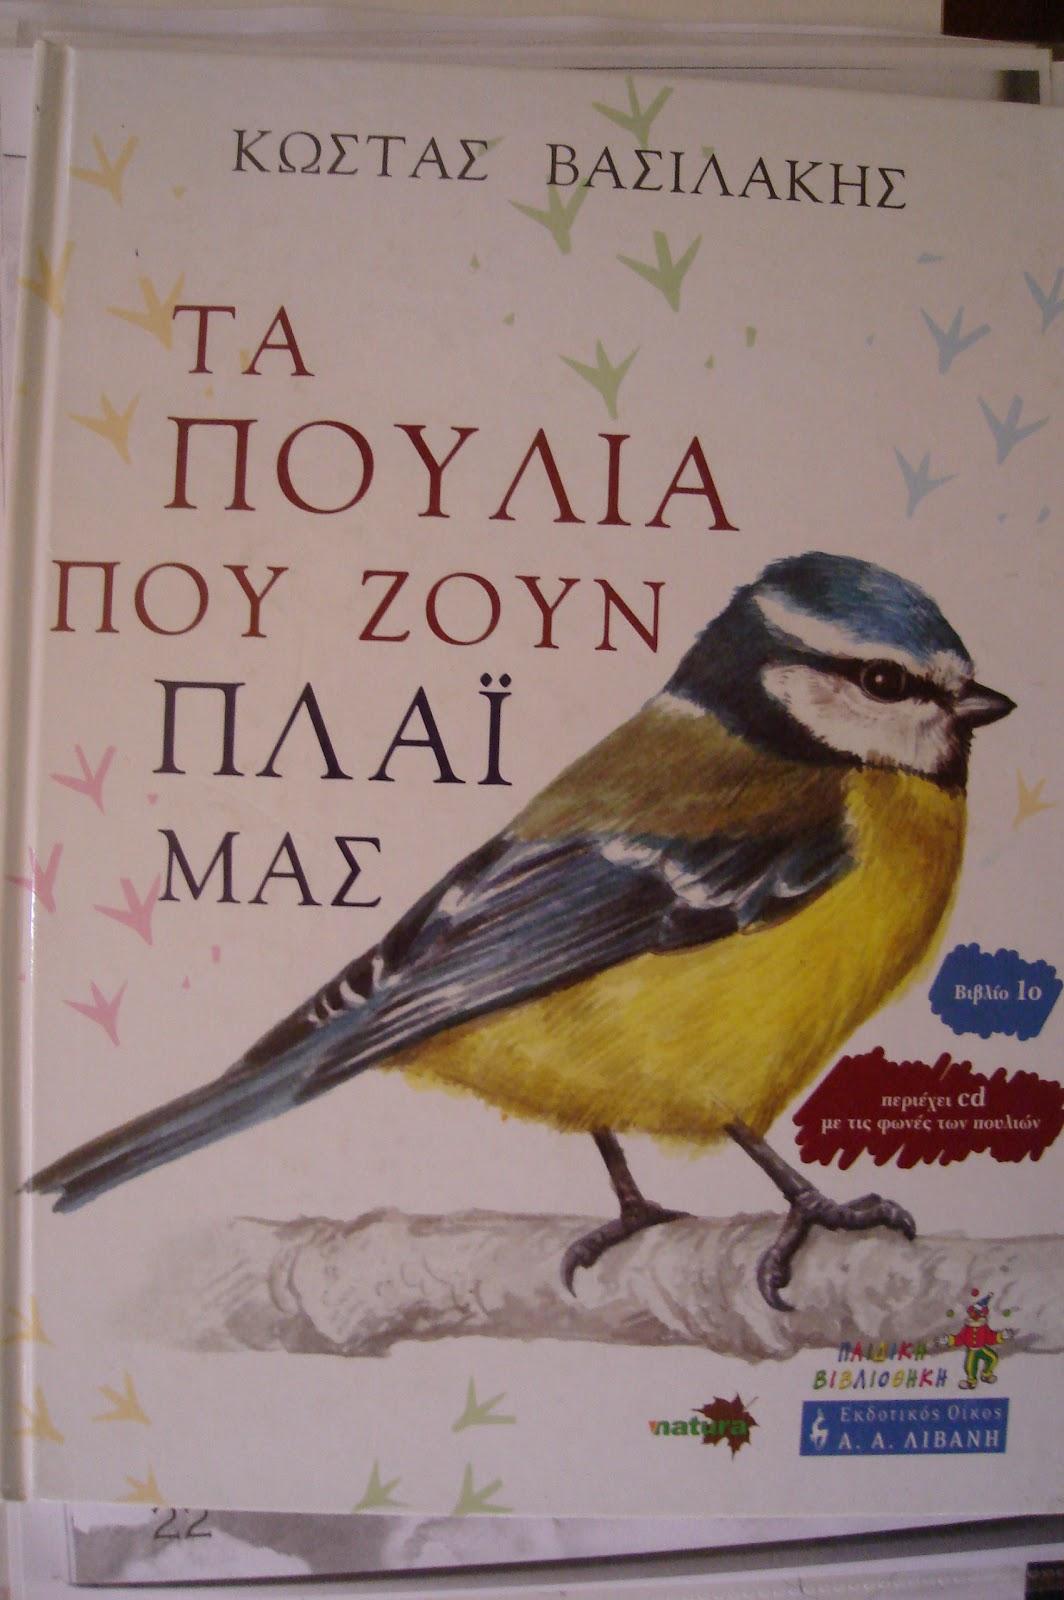 Πουλιών από το cd που περιλαμβάνει